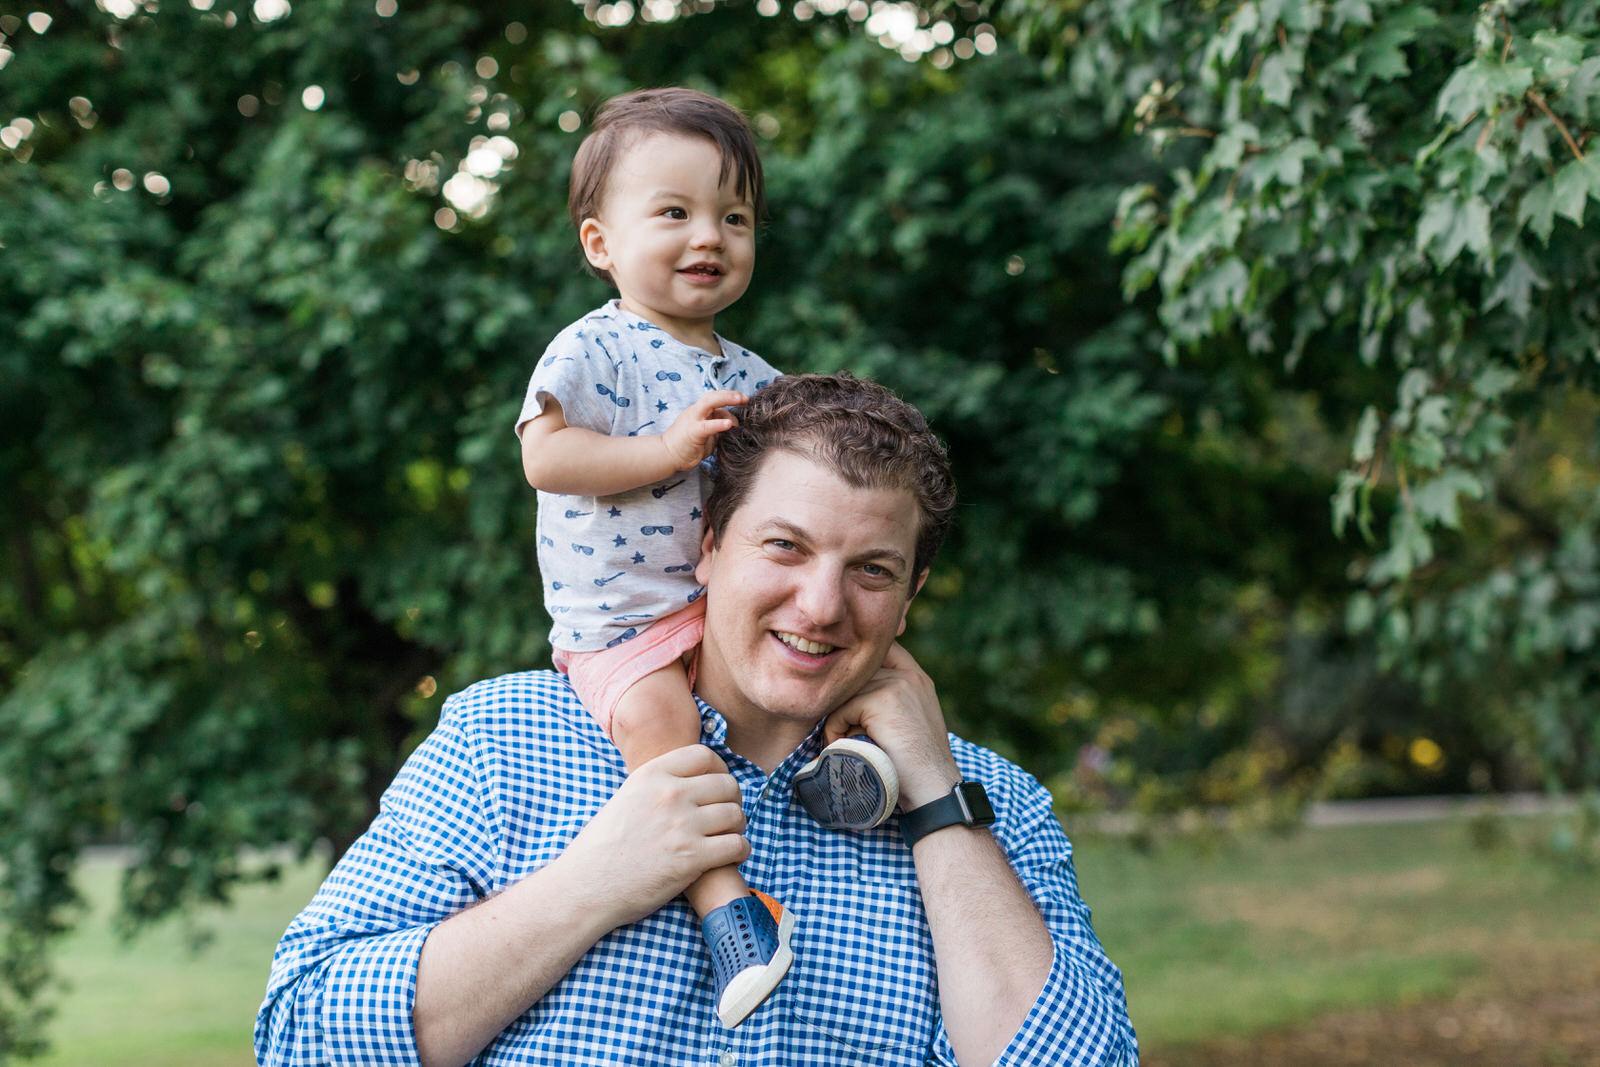 family-photography-brooklyn-ny-18.jpg